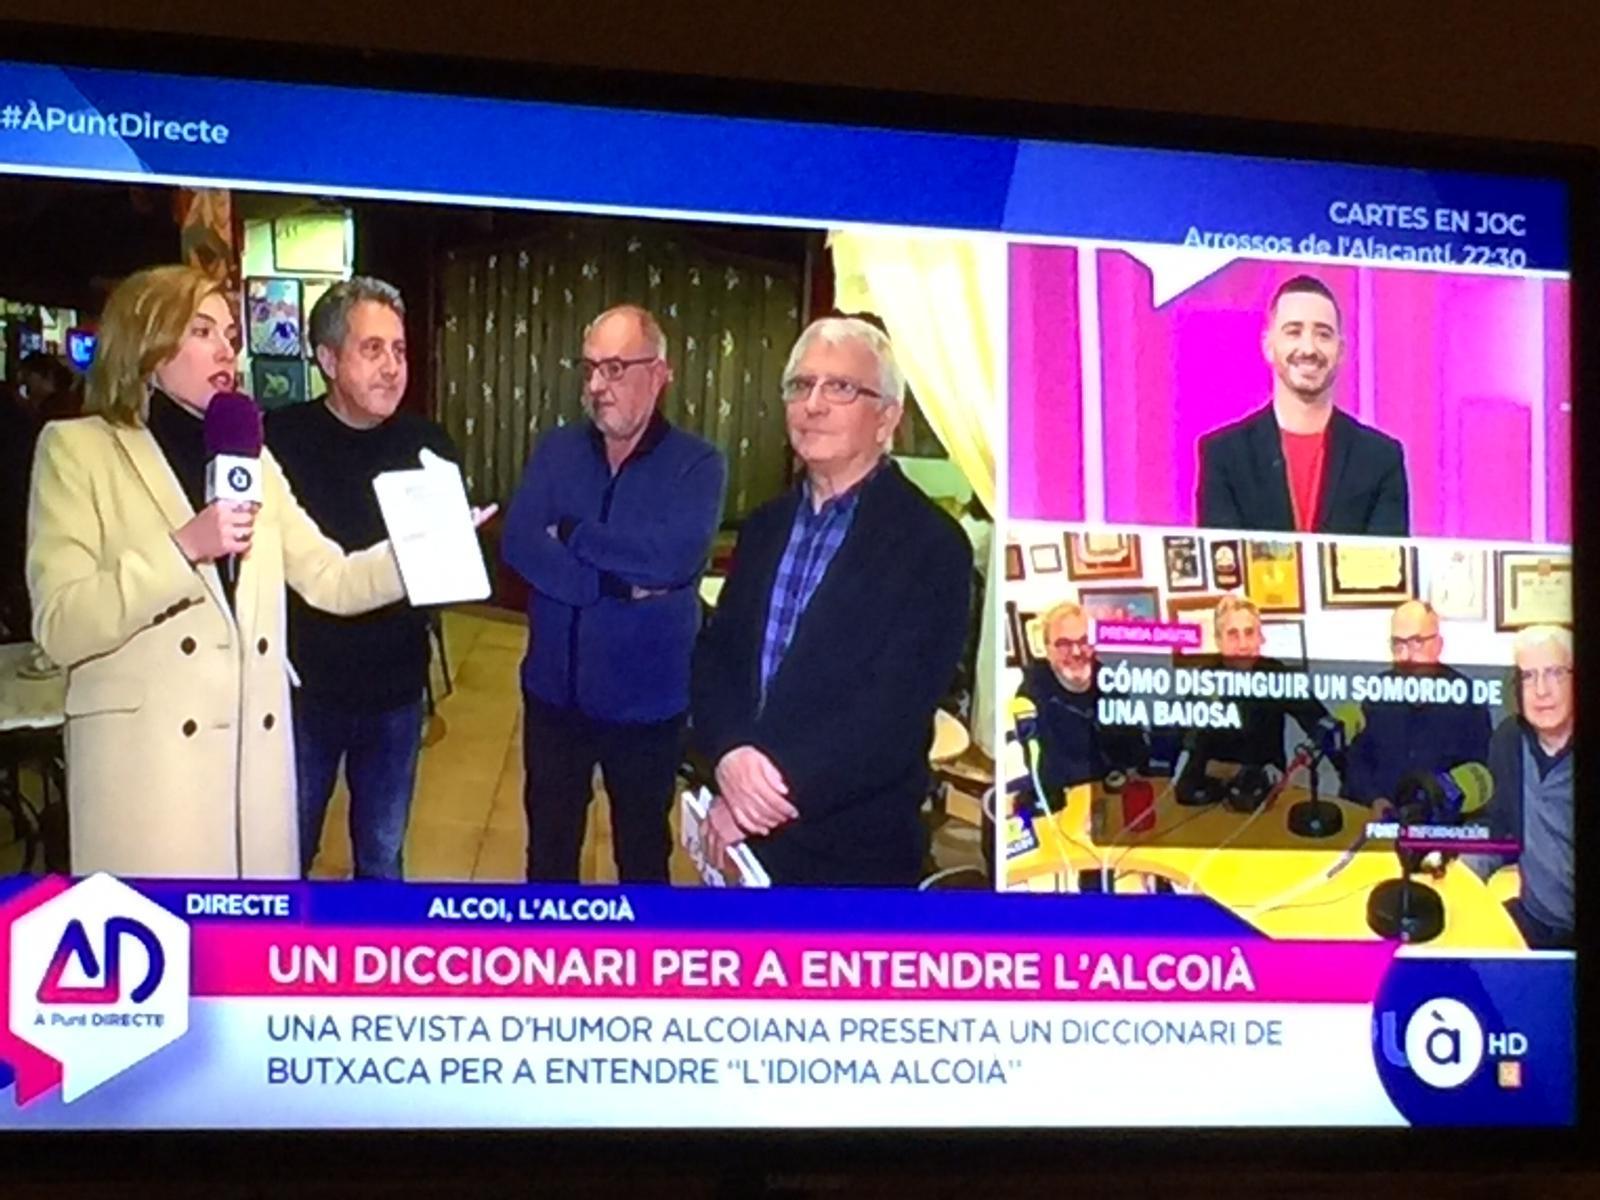 """El """"Diccionari de butxaca"""" cruza fronteras y aparece en la televisión autonómica valenciana"""